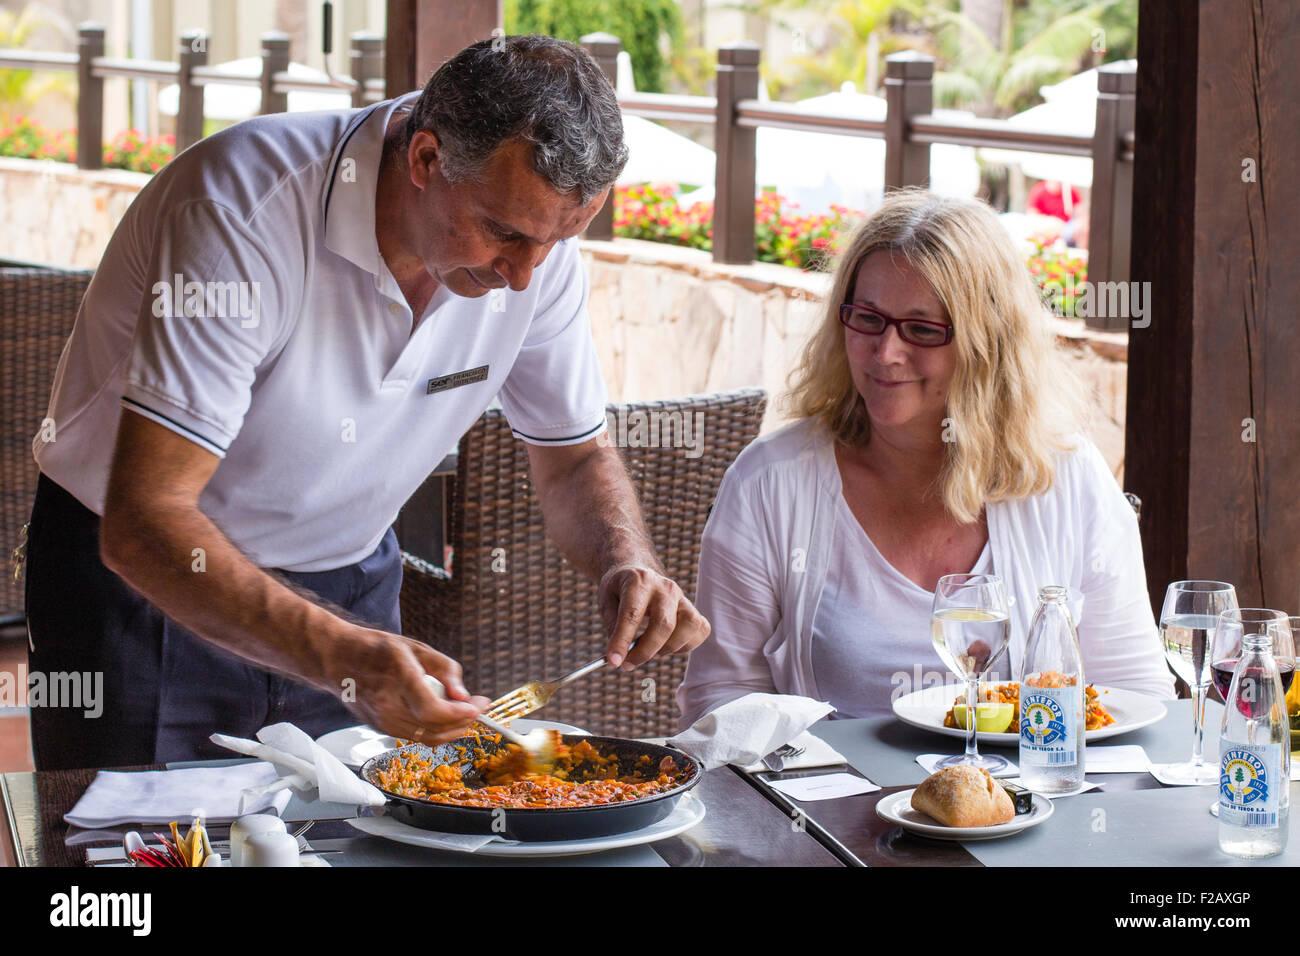 Spanische Kellner servieren Paella weibliche Diner / Tourist. Fuerteventura, Kanarische Inseln. Stockbild